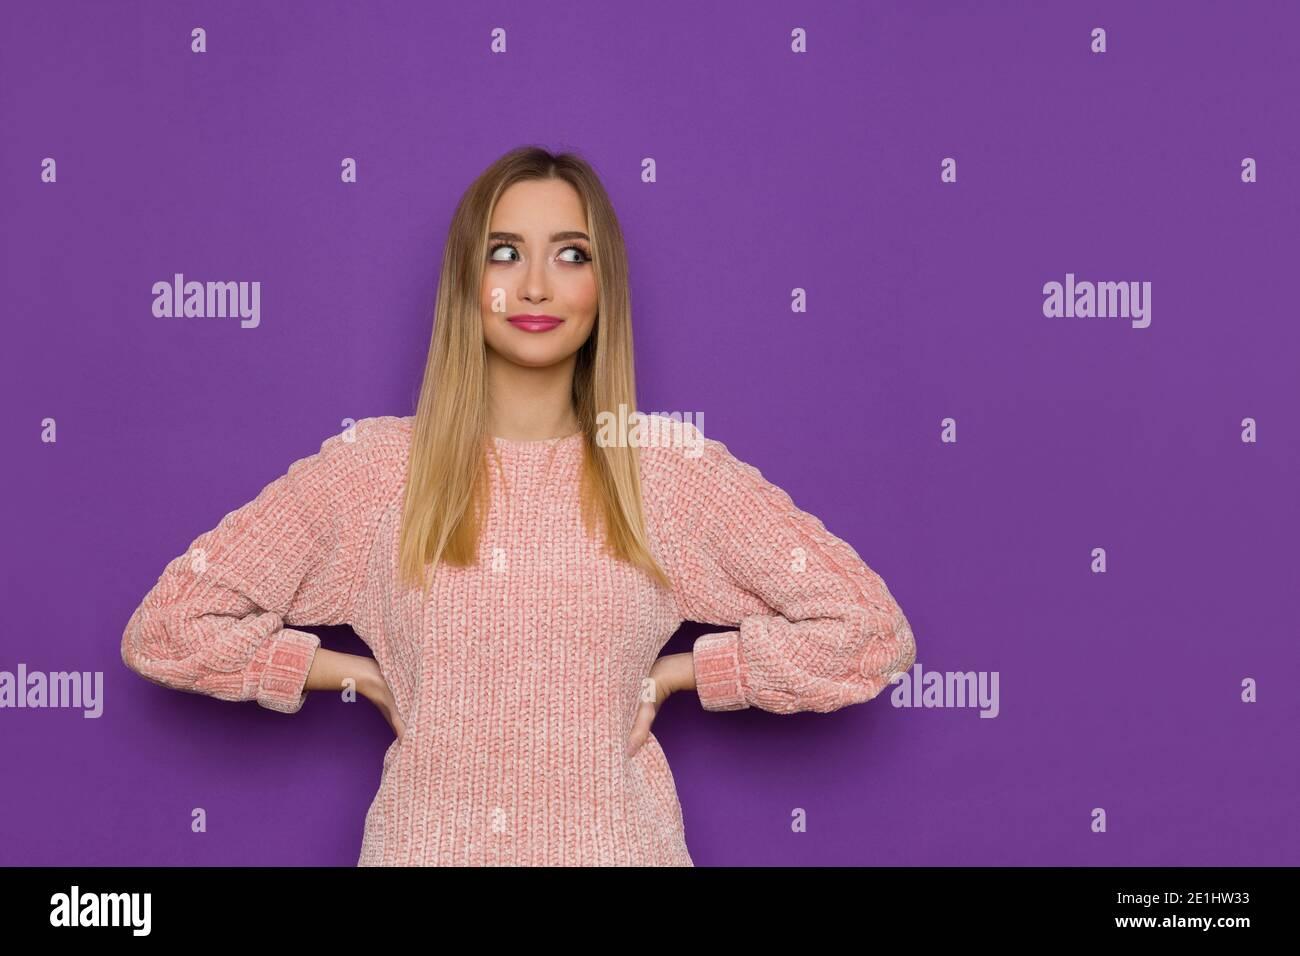 Nette junge Frau in rosa Pullover posiert mit Händen auf der Hüfte und Blick auf die Seite. Taille-up-Studio auf lila Hintergrund aufgenommen. Stockfoto